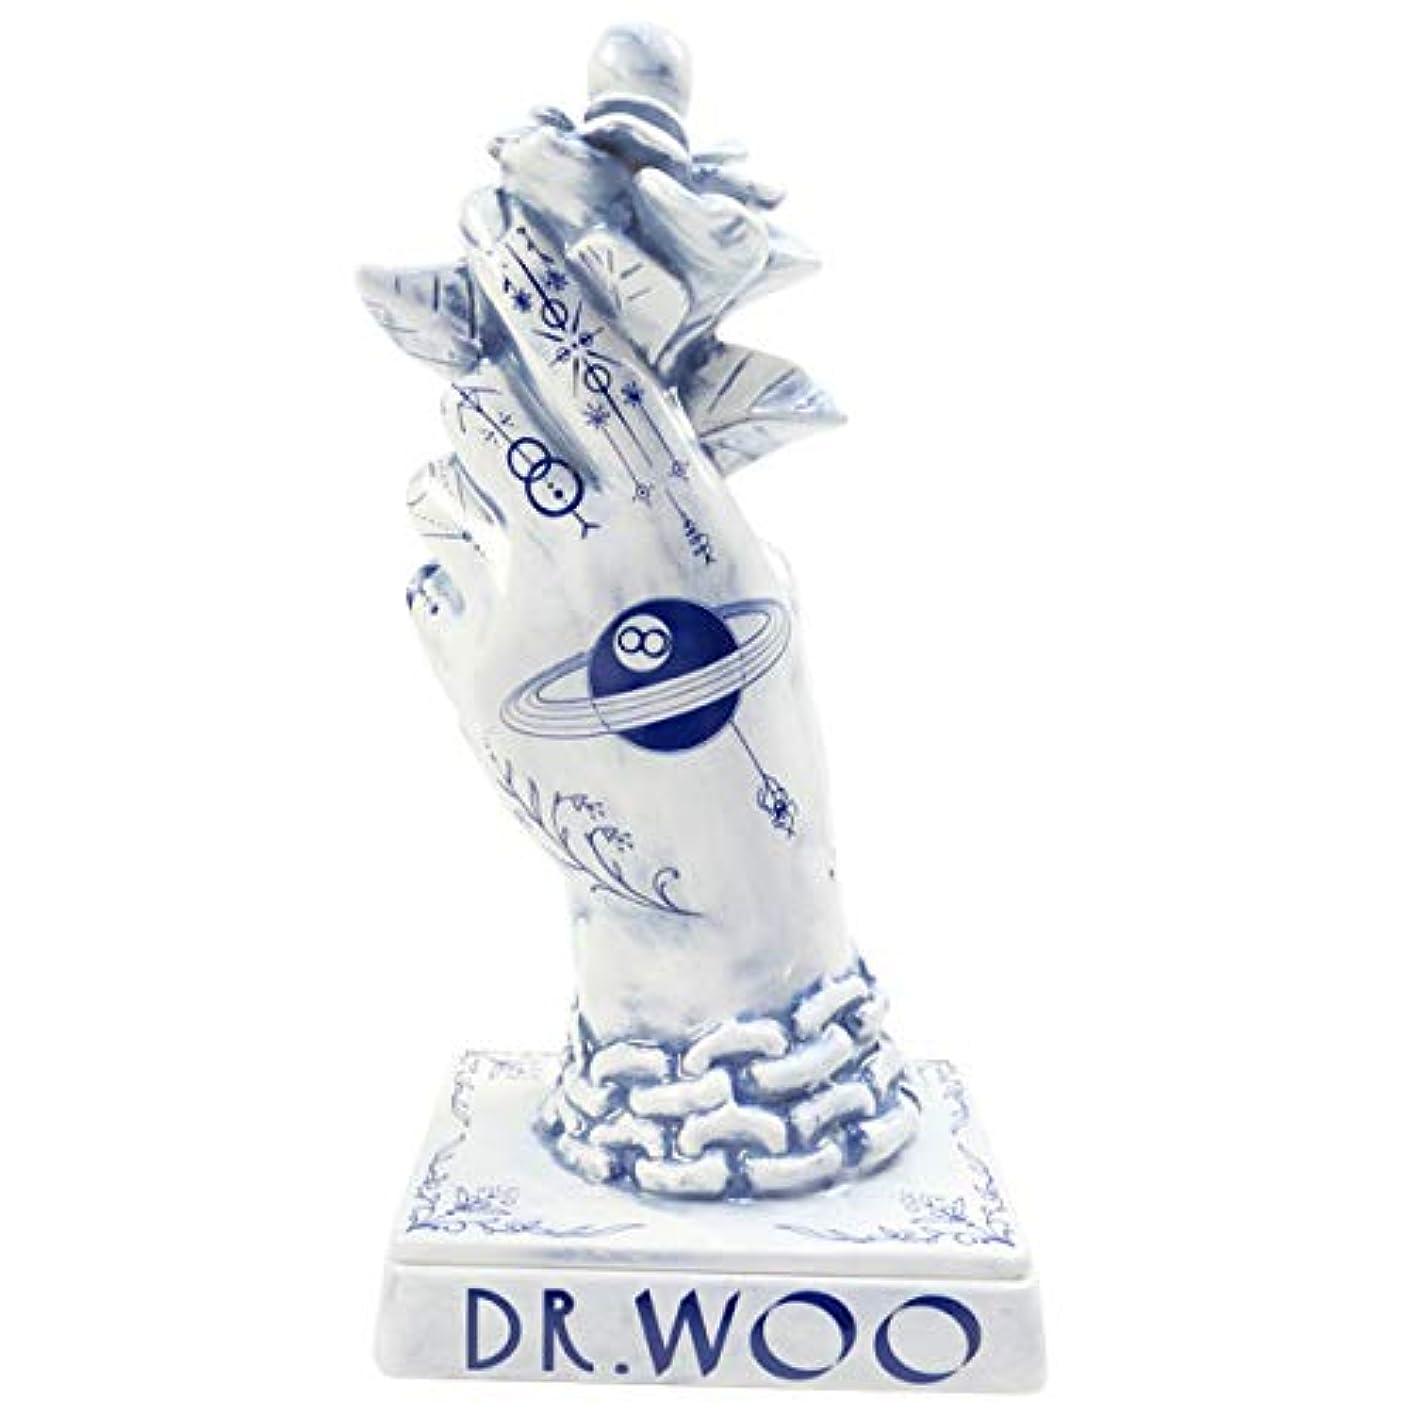 日付付きゴミ箱を空にする干渉NEIGHBORHOOD ネイバーフッド 18AW ×Dr Woo BOOZE. DW/CE-INCENSE CHAMBER お香立て 青 フリー